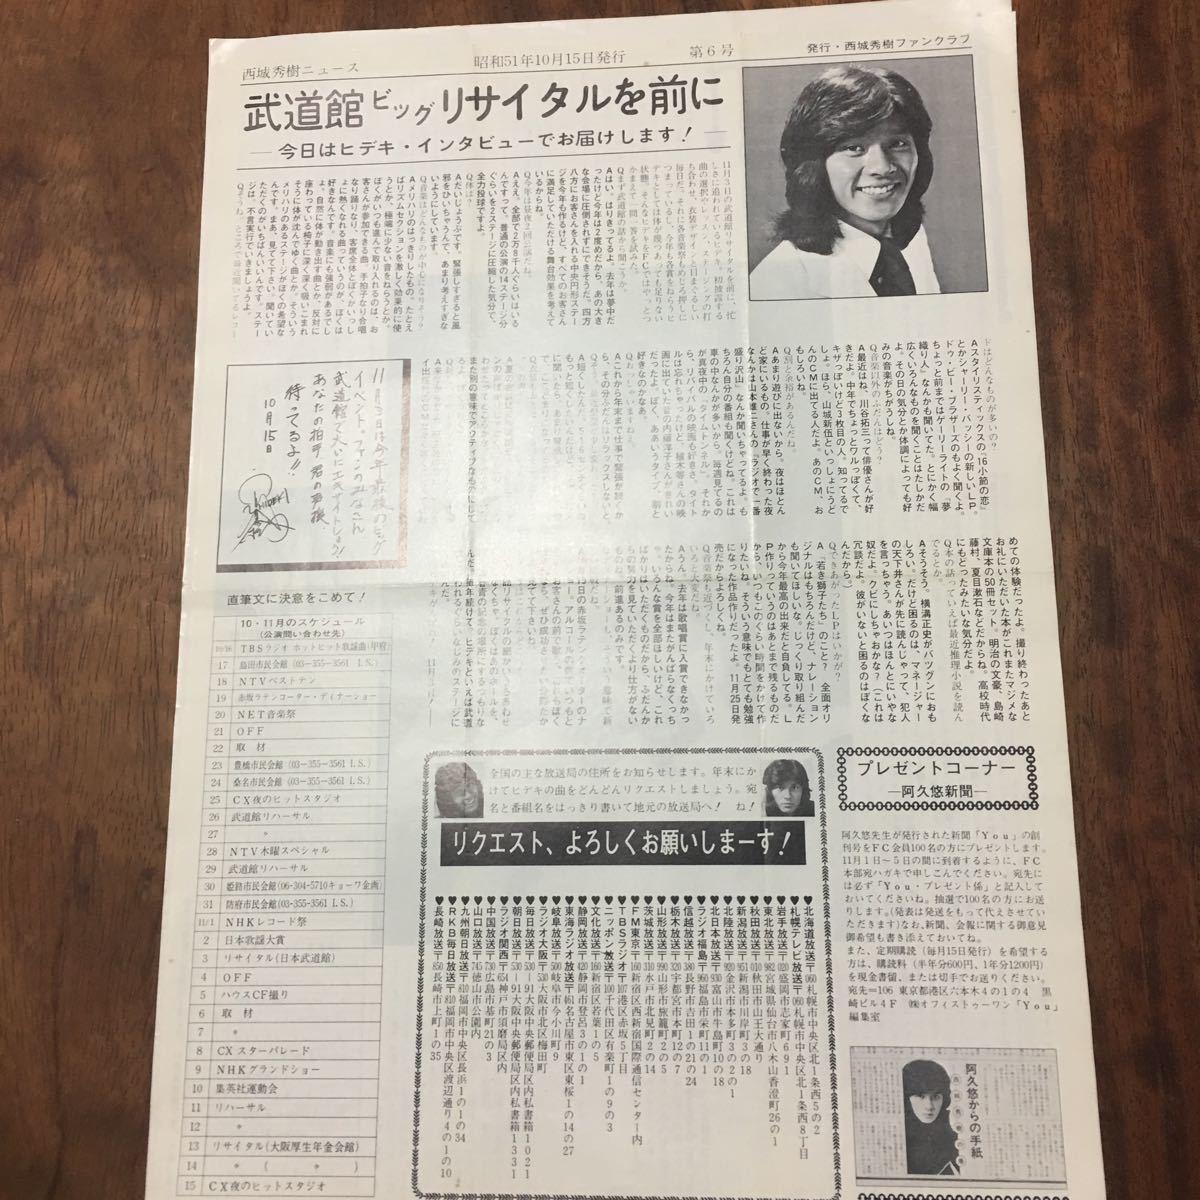 西城秀樹 ファンクラブ会報誌 西城秀樹ニュース 昭和51年 6号~10号